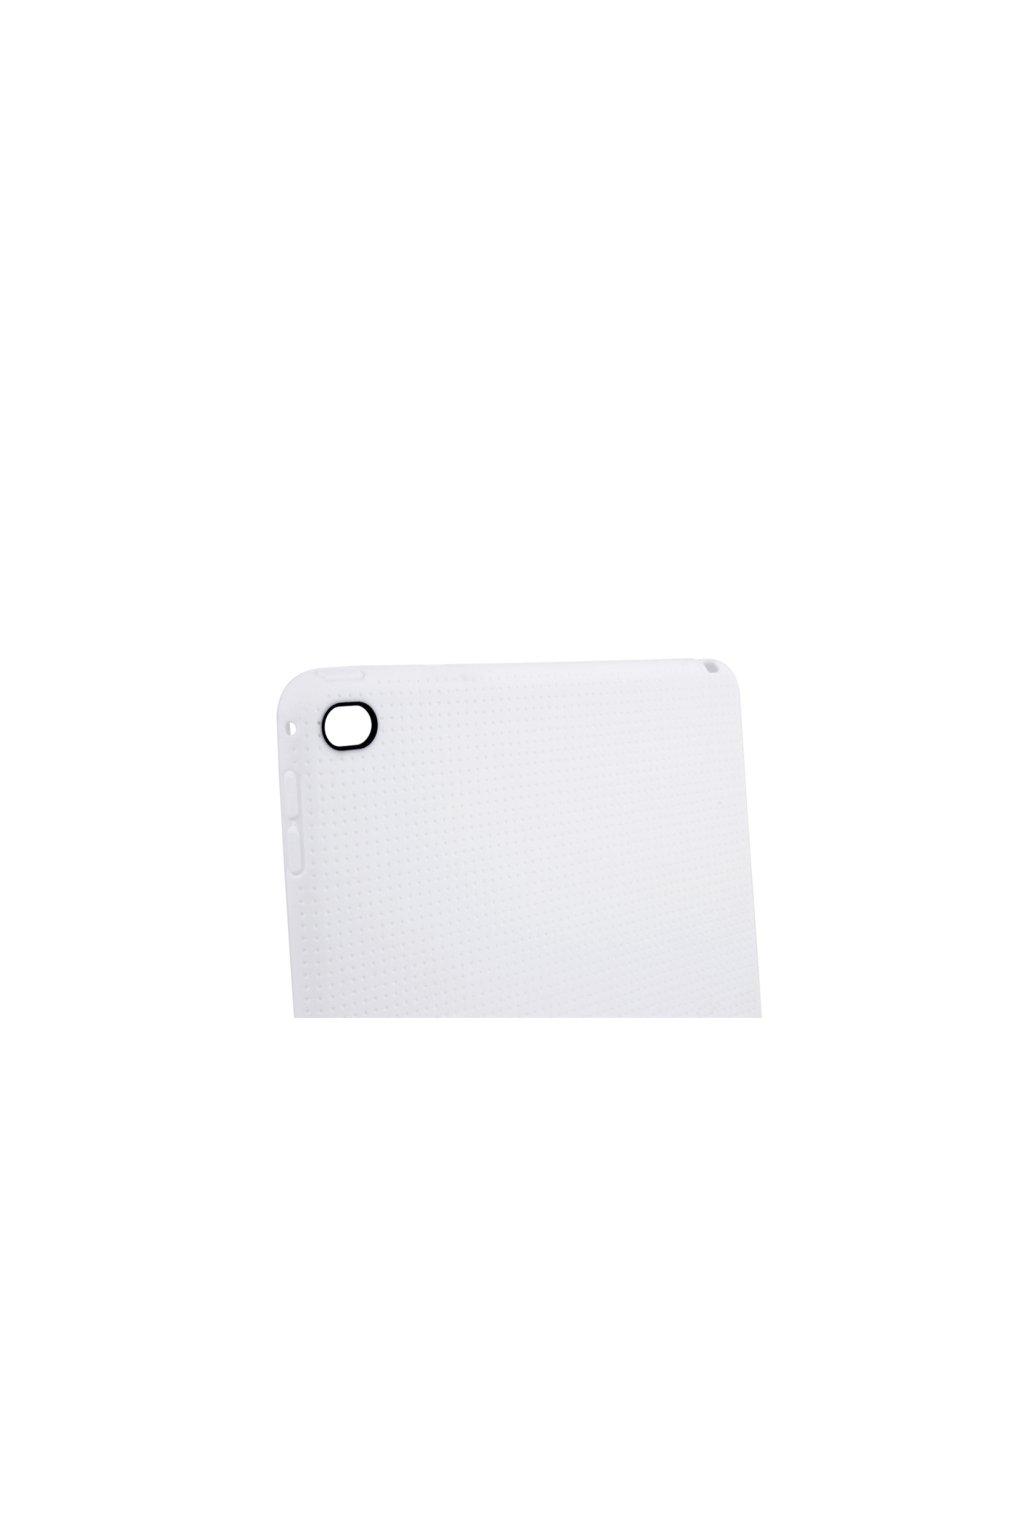 Pouzdro TPU iPad Air 2, white/bílá